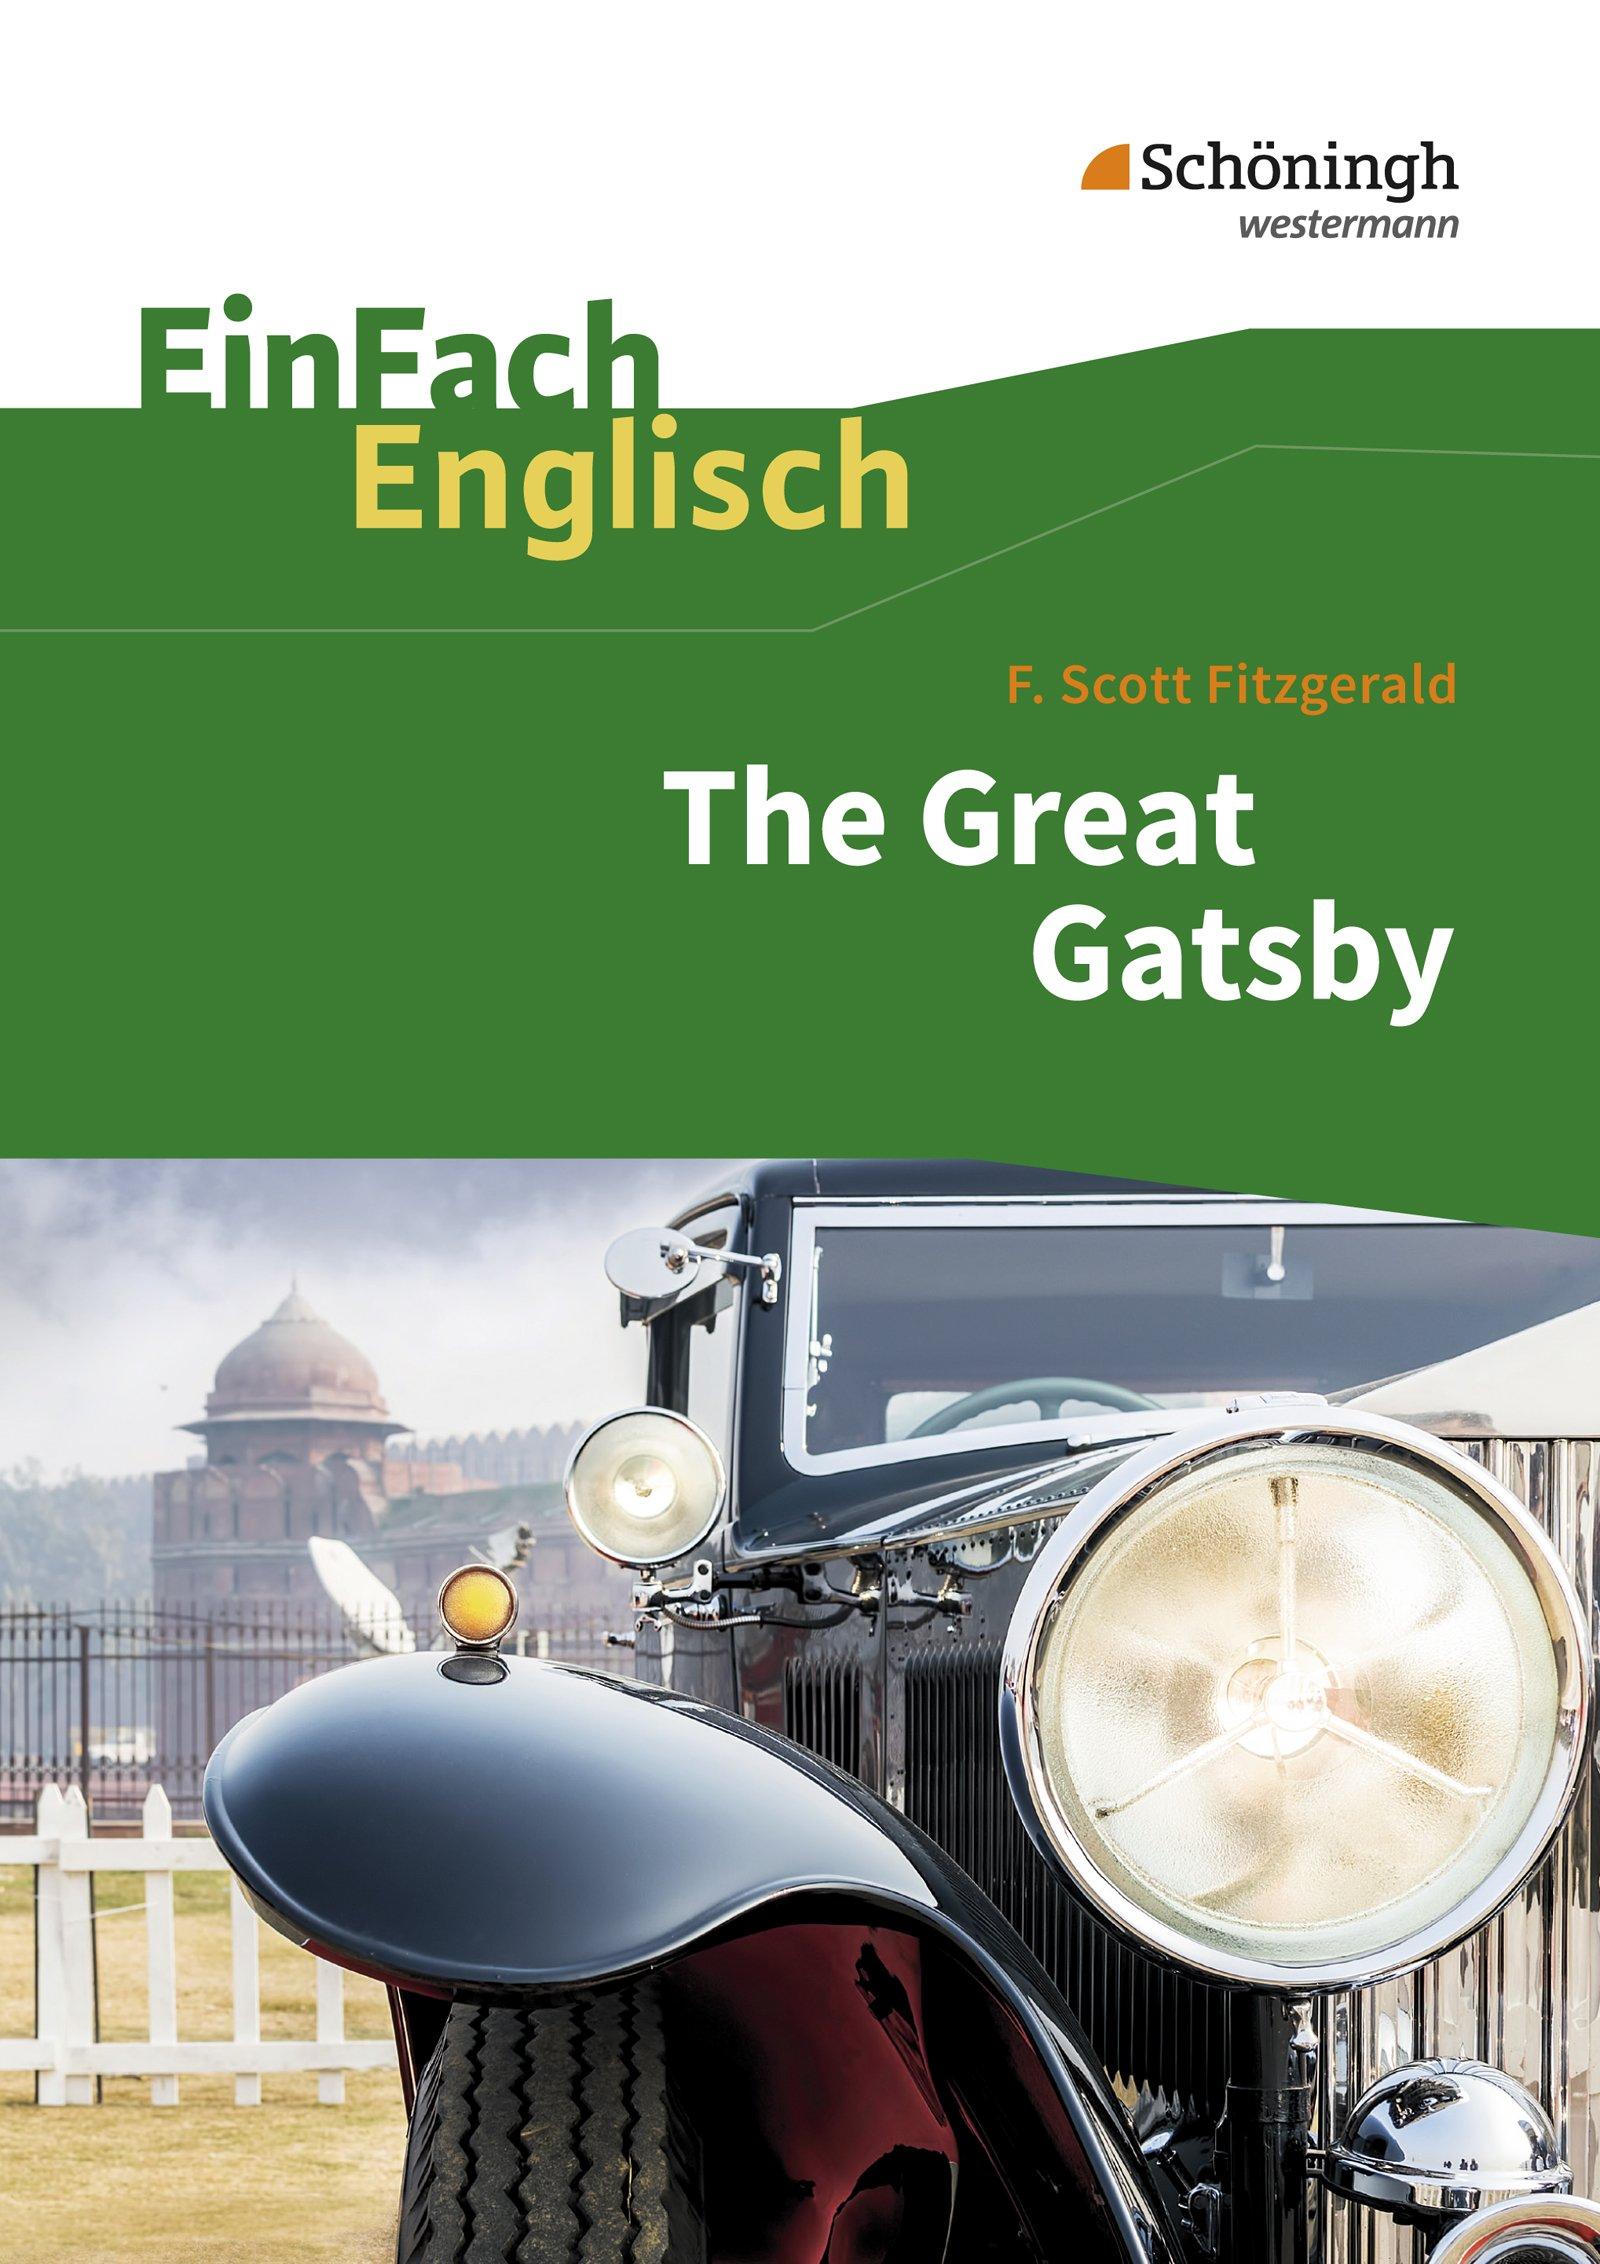 EinFach Englisch Textausgaben - Textausgaben für die Schulpraxis: EinFach Englisch Textausgaben: F. Scott Fitzgerald: The Great Gatsby